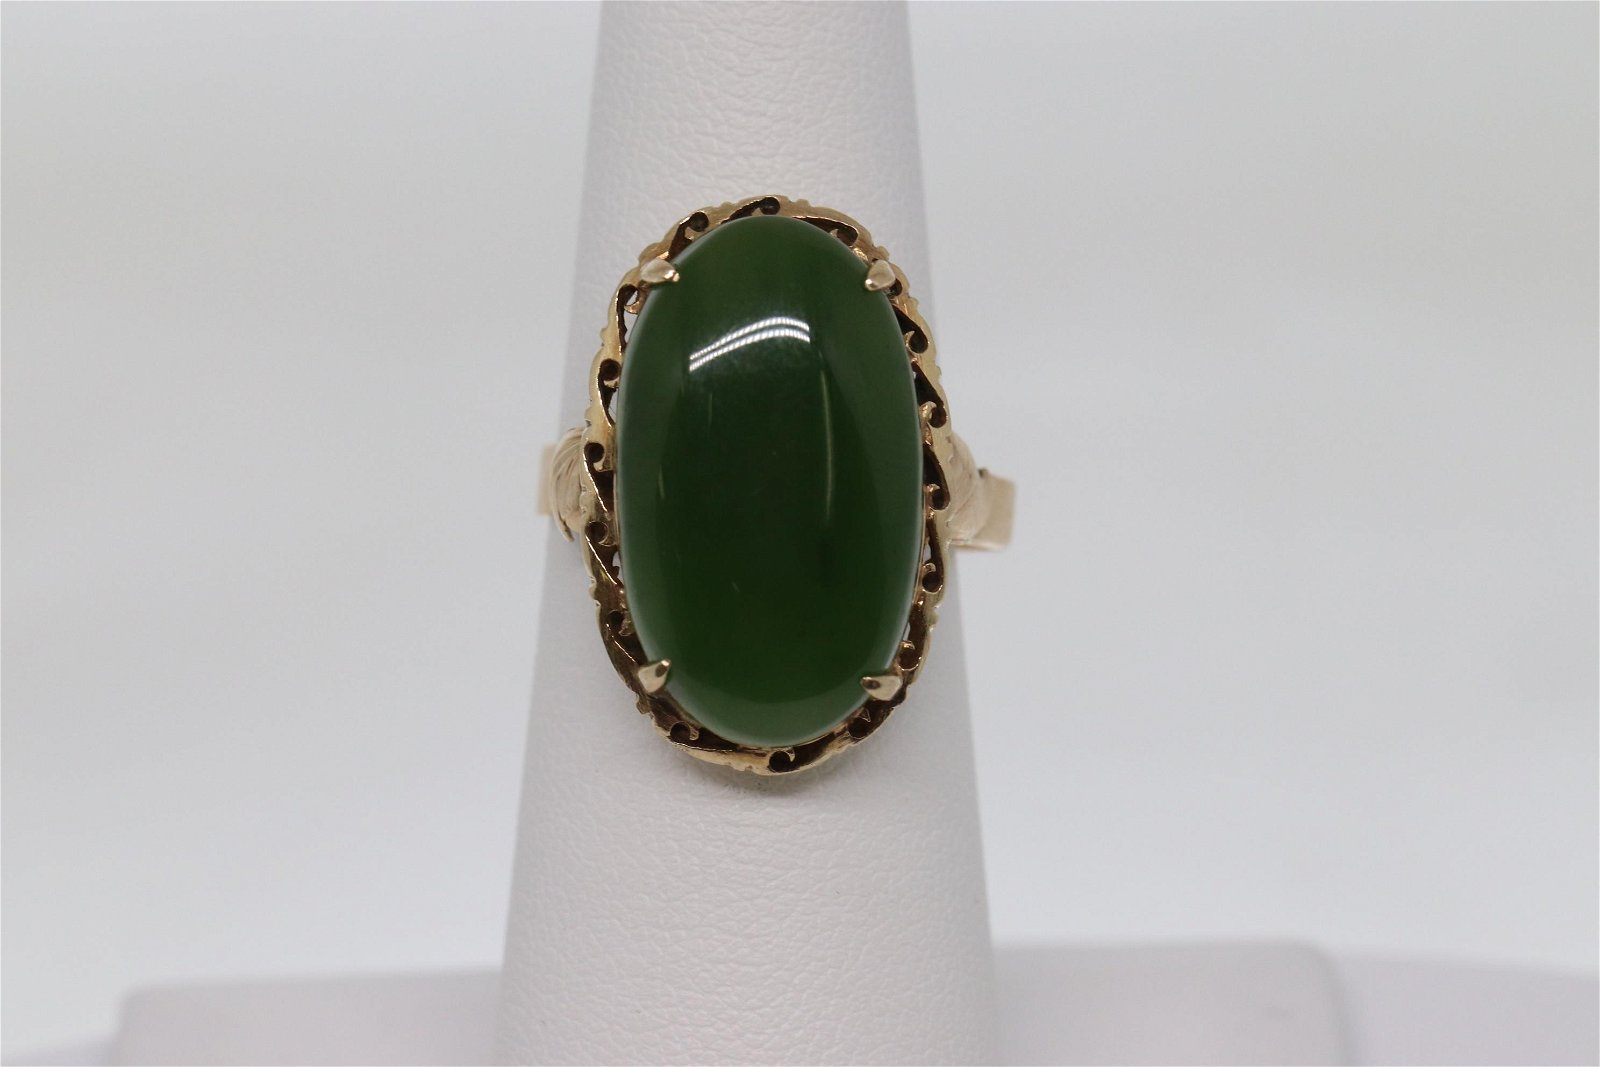 Vintage Art Deco 14k Jade Ring.